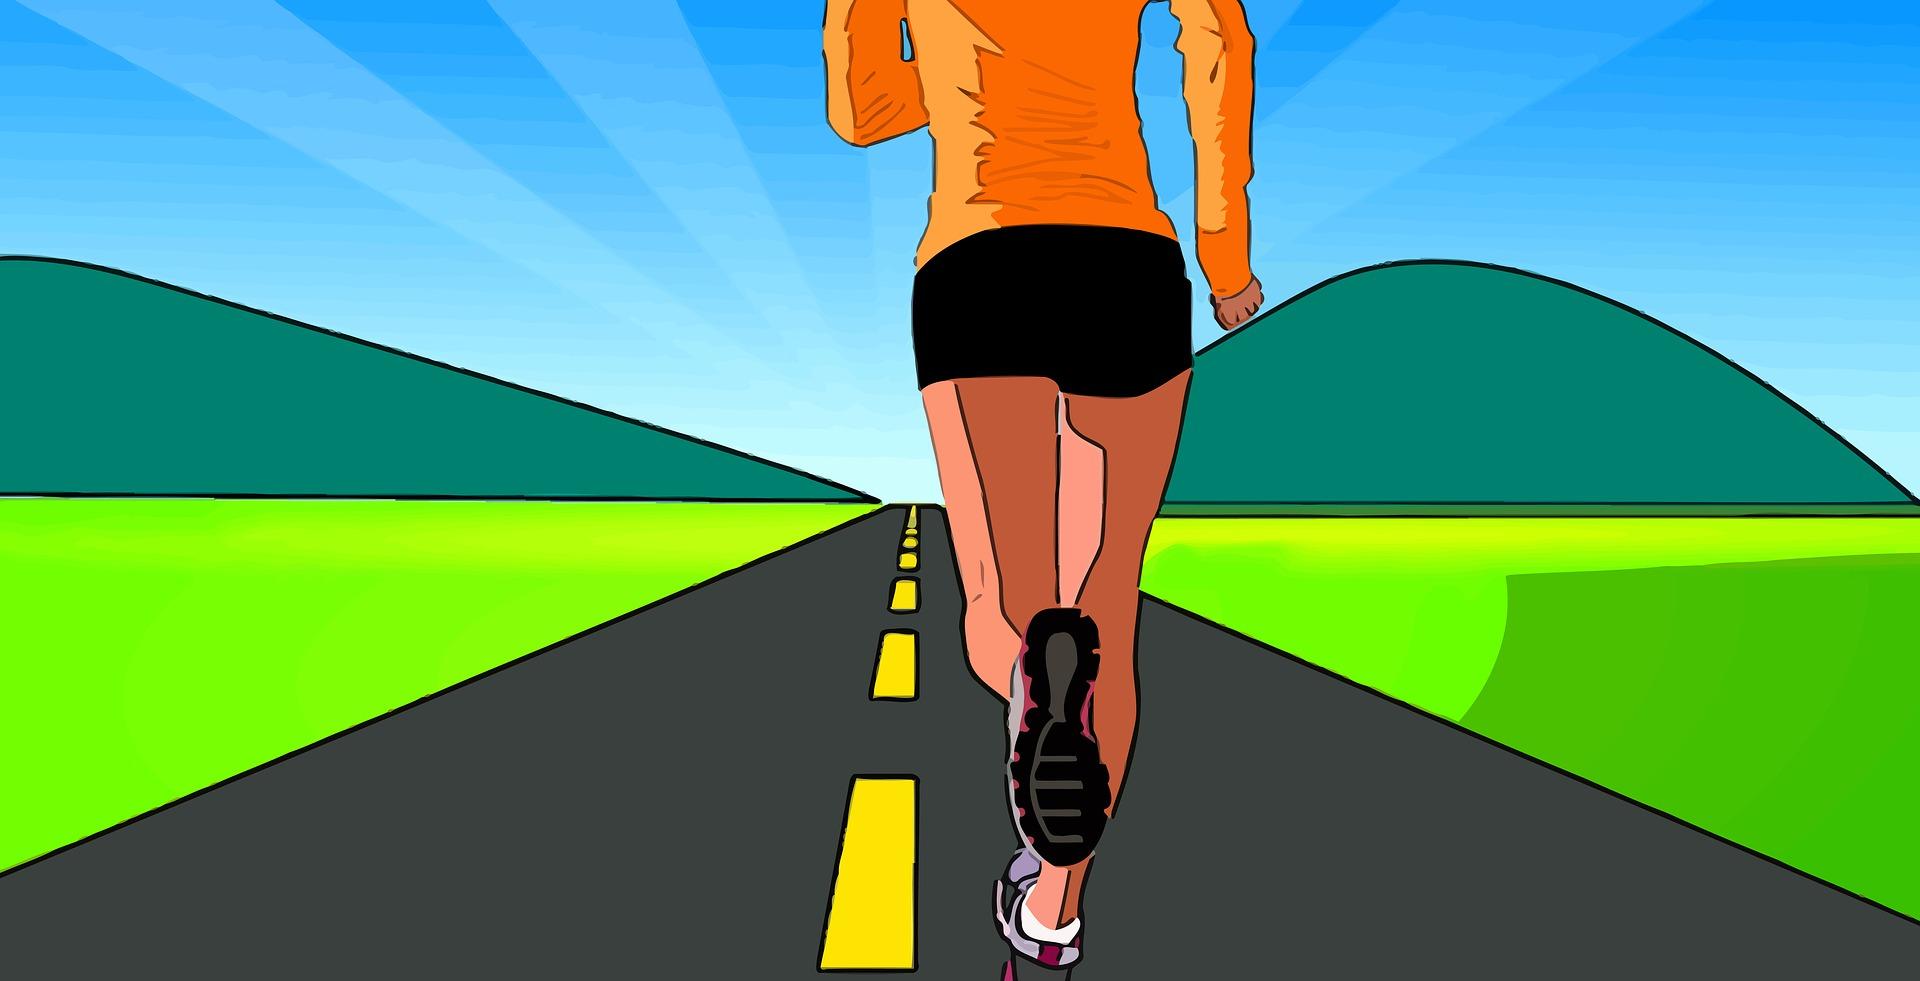 ריצה בחורף? איך לרוץ ולהימנע מפציעות ספורט?